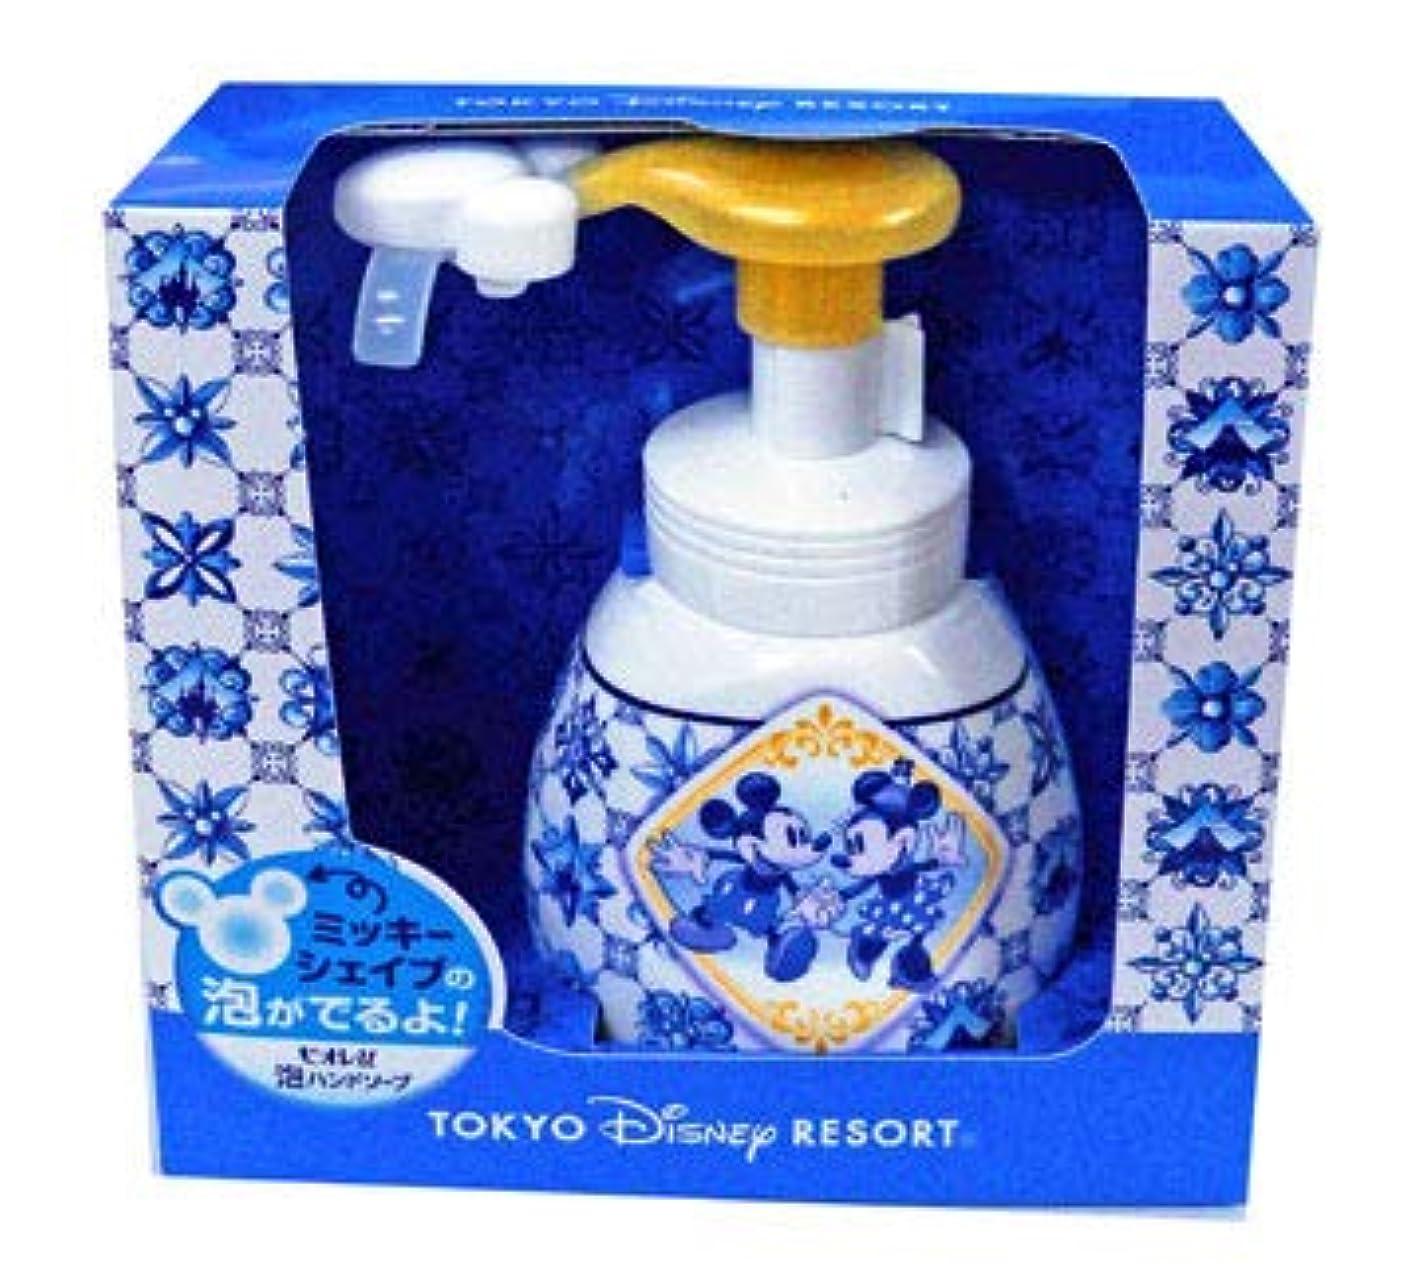 チャンス差し引くフルーティー泡ハンドソープ(新デザイン) 東京ディズニーリゾート ミッキーとミニー柄  おみやげ